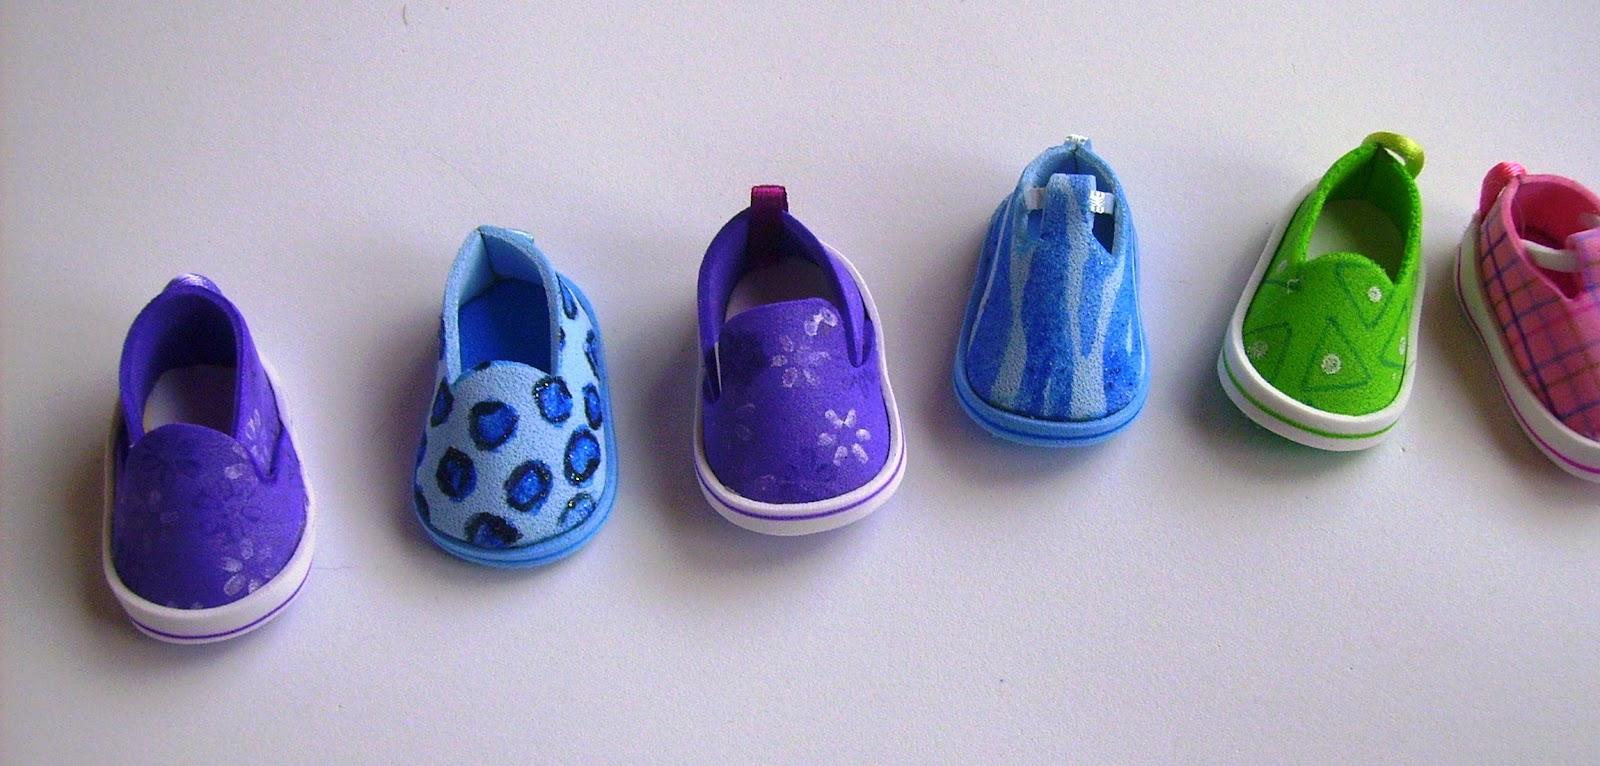 Pintados a mano, moldes de zapatos de tamaño normal adaptados a estas